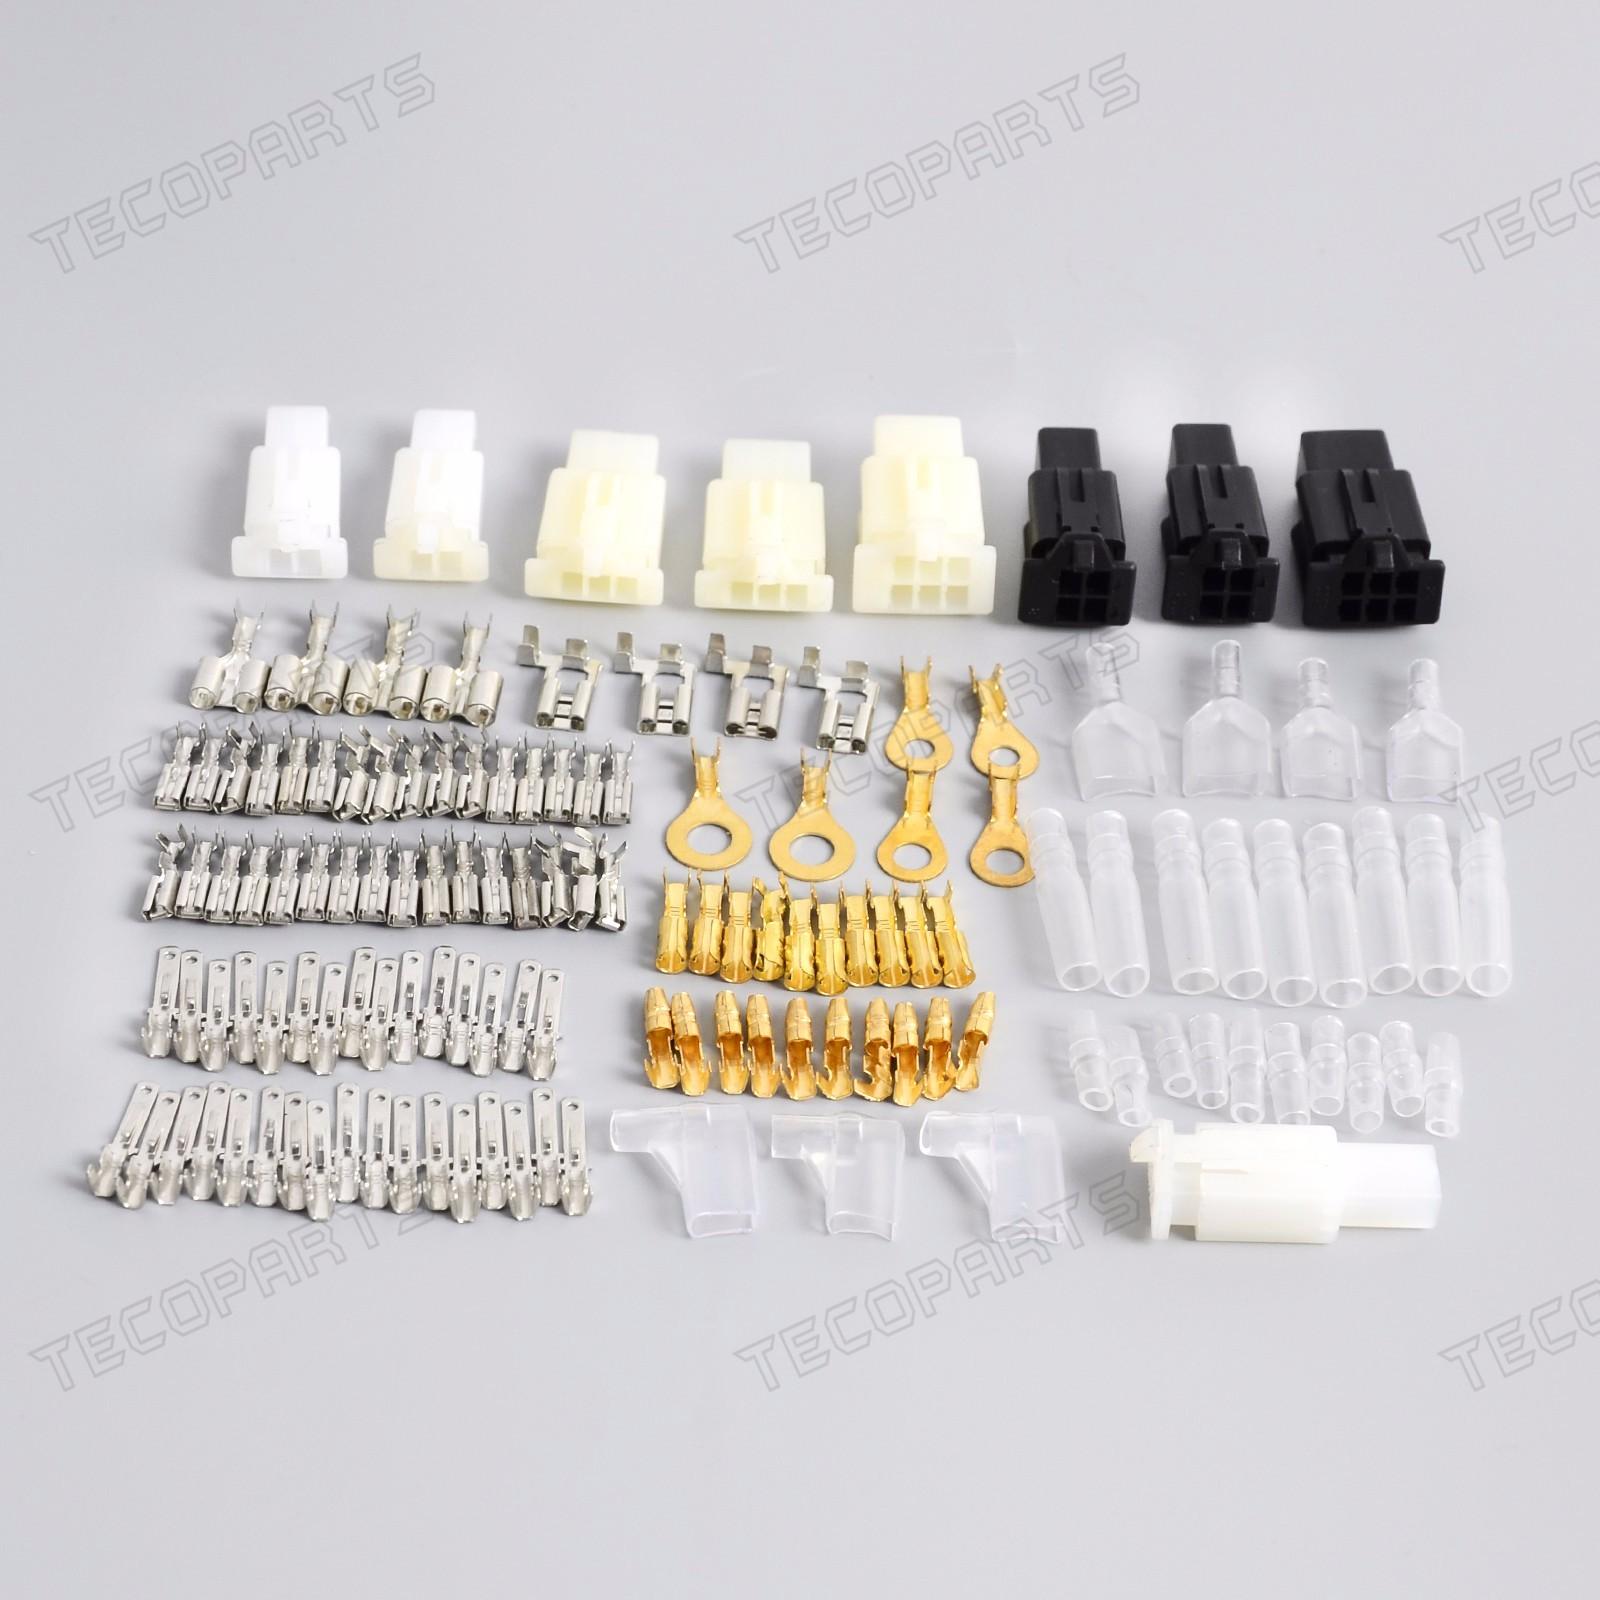 te pr006_(3) motorcycle new connector wiring loom automotive harness auto automotive wiring harness repair kits at n-0.co